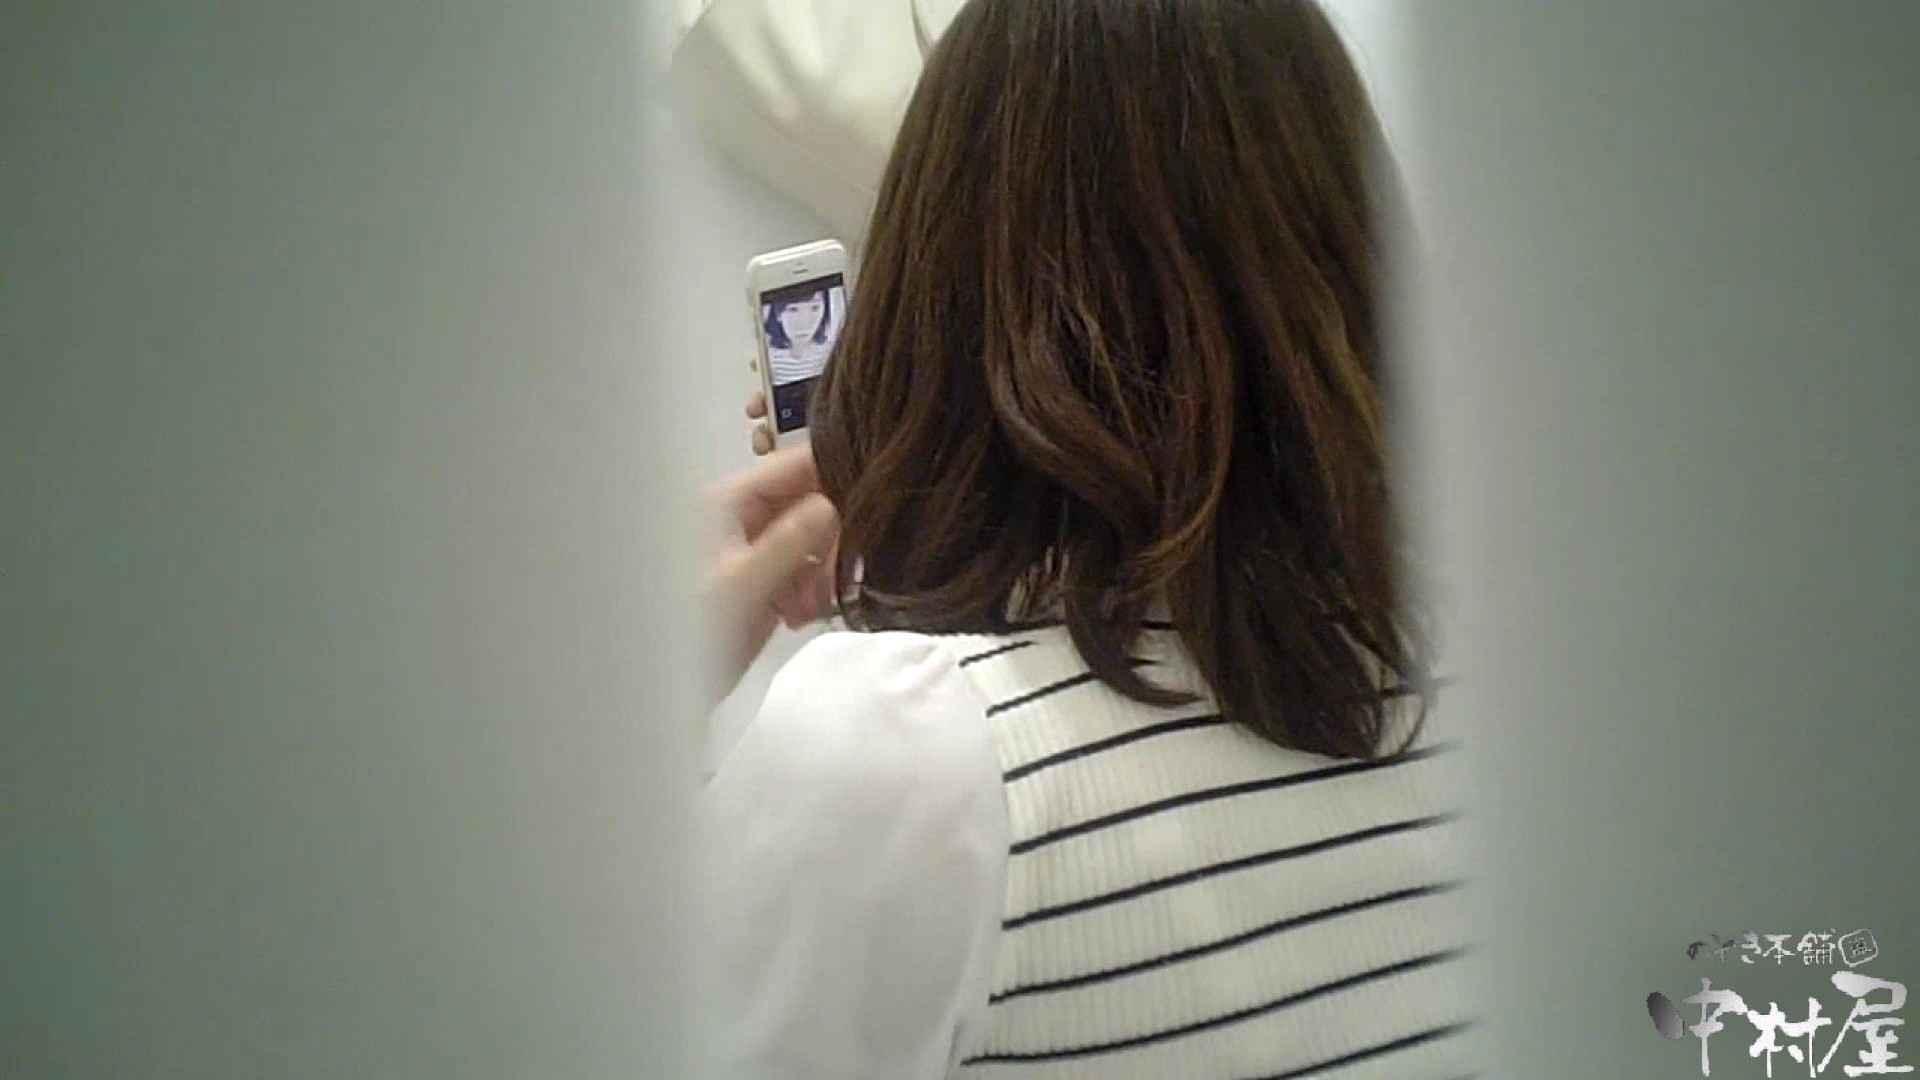 【某有名大学女性洗面所】有名大学女性洗面所 vol.37 ついでにアンダーヘアーの状態確認ですね。 和式 おまんこ無修正動画無料 60連発 9